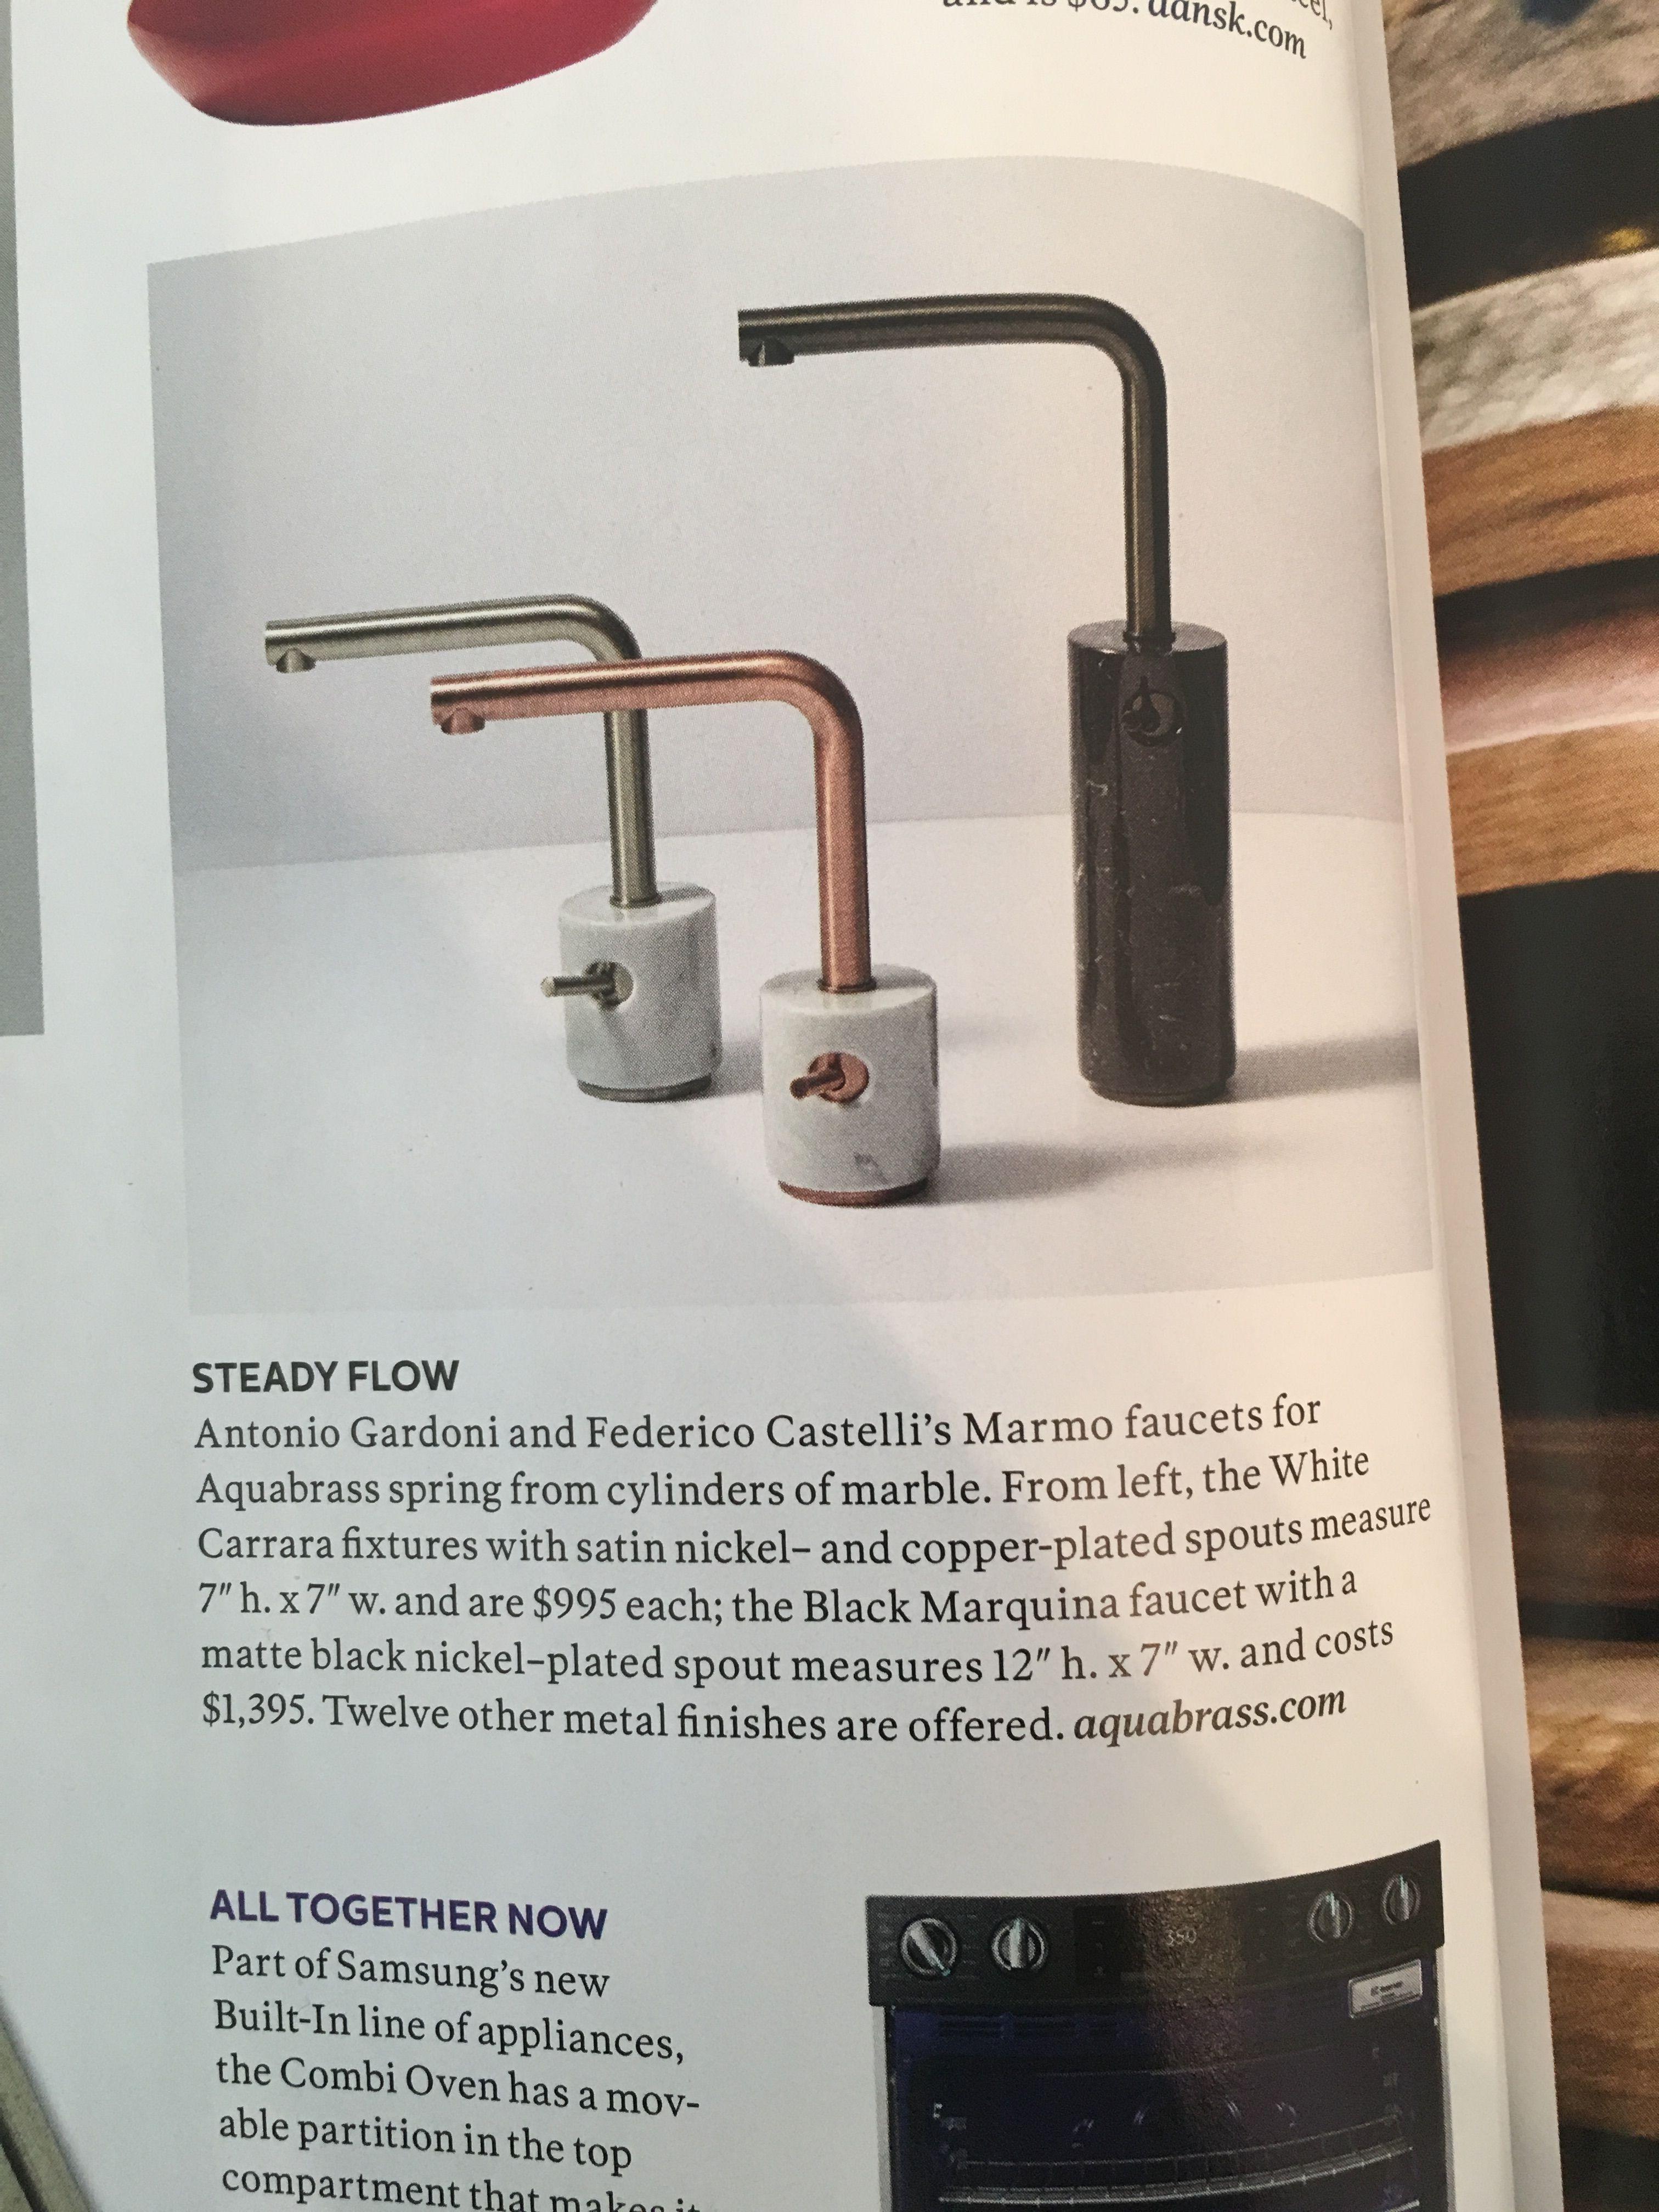 Beautiful Dansk Faucets Gallery - Water Faucet Ideas - rirakuya.info